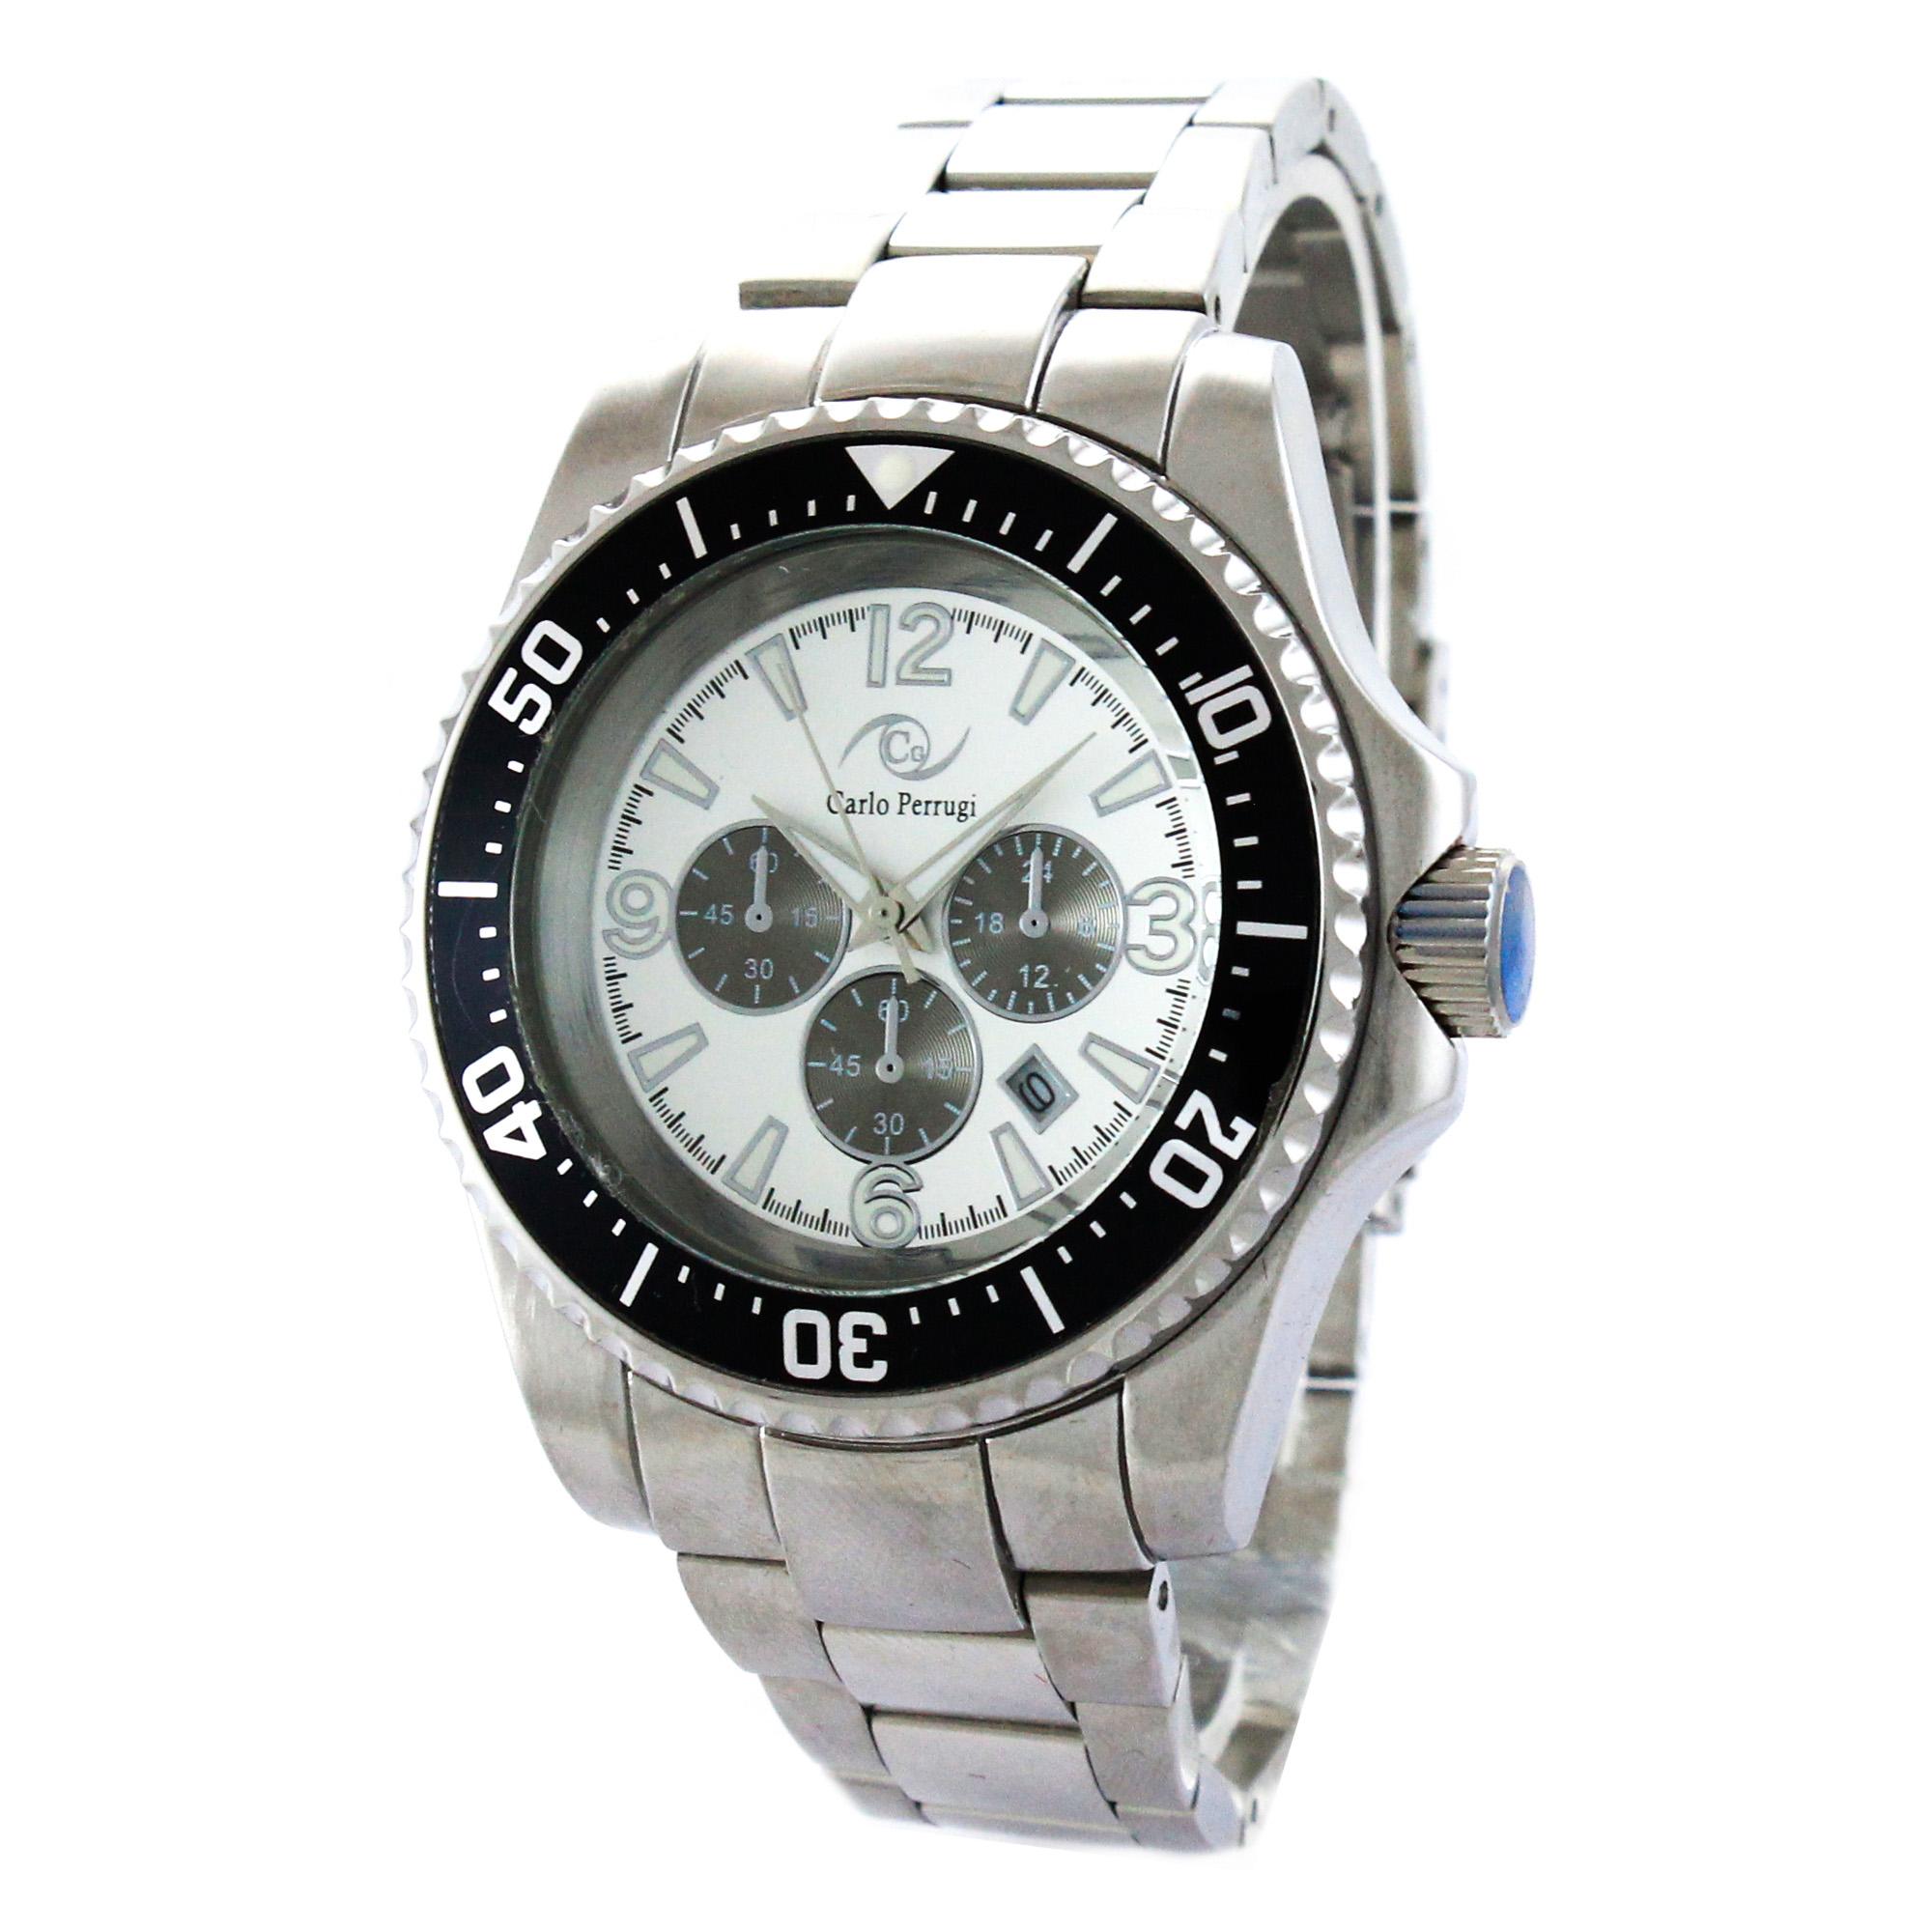 ساعت مچی عقربه ای مردانه کارلو پروجی مدل G8998-2